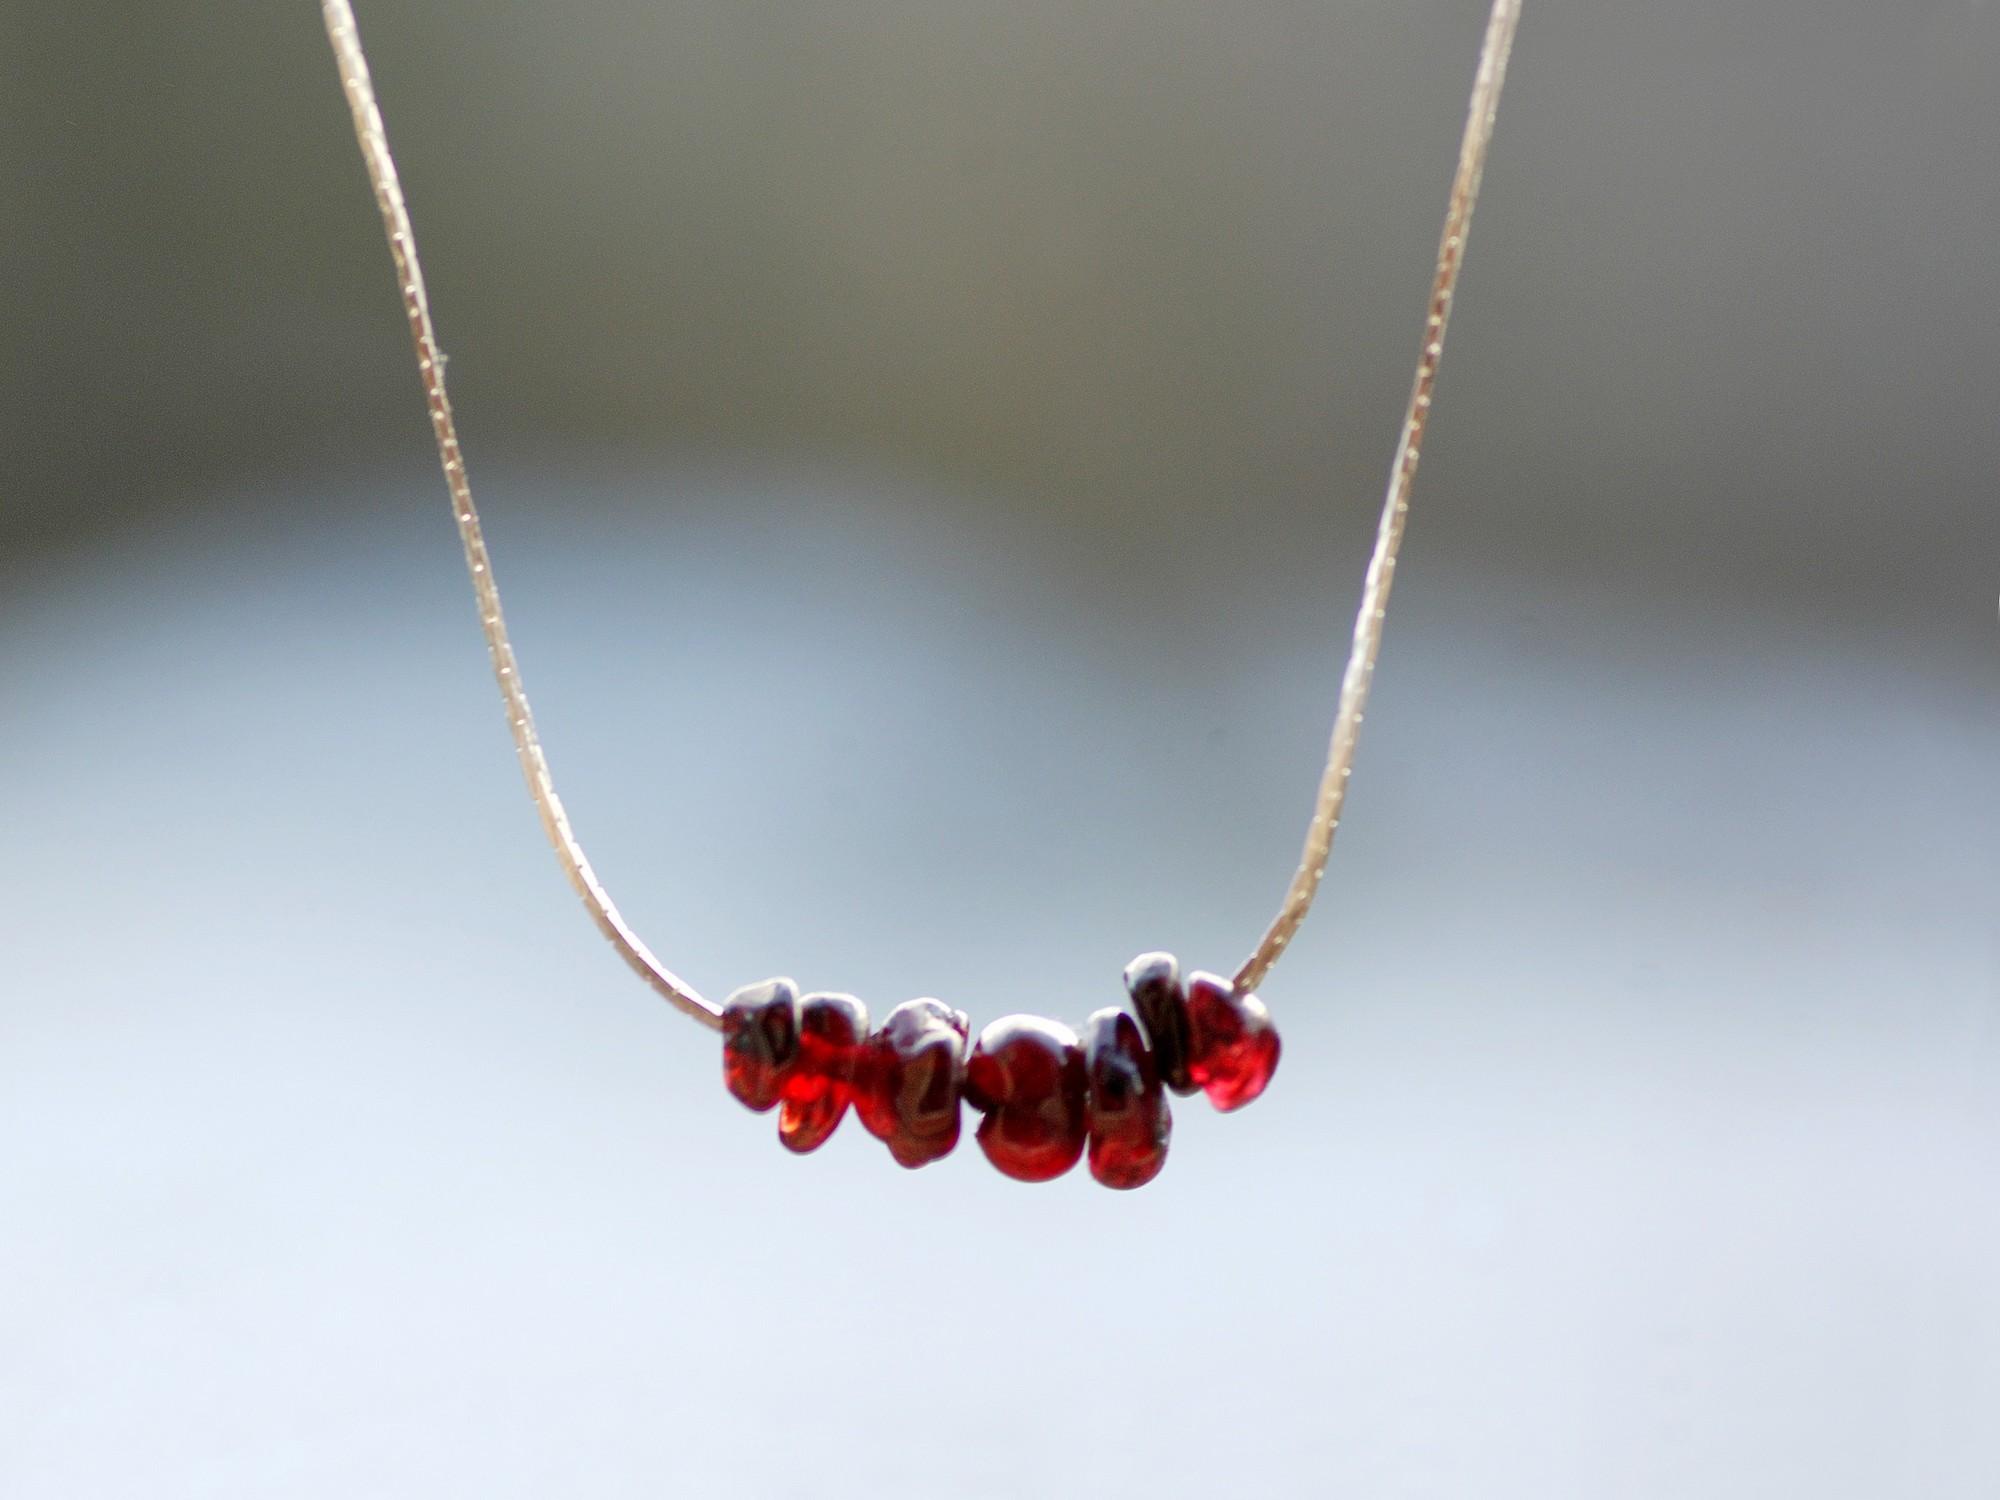 collier minimaliste : Quelques pierres gemmes grenats enfilées sur une très fine chaîne serpentine argentée.